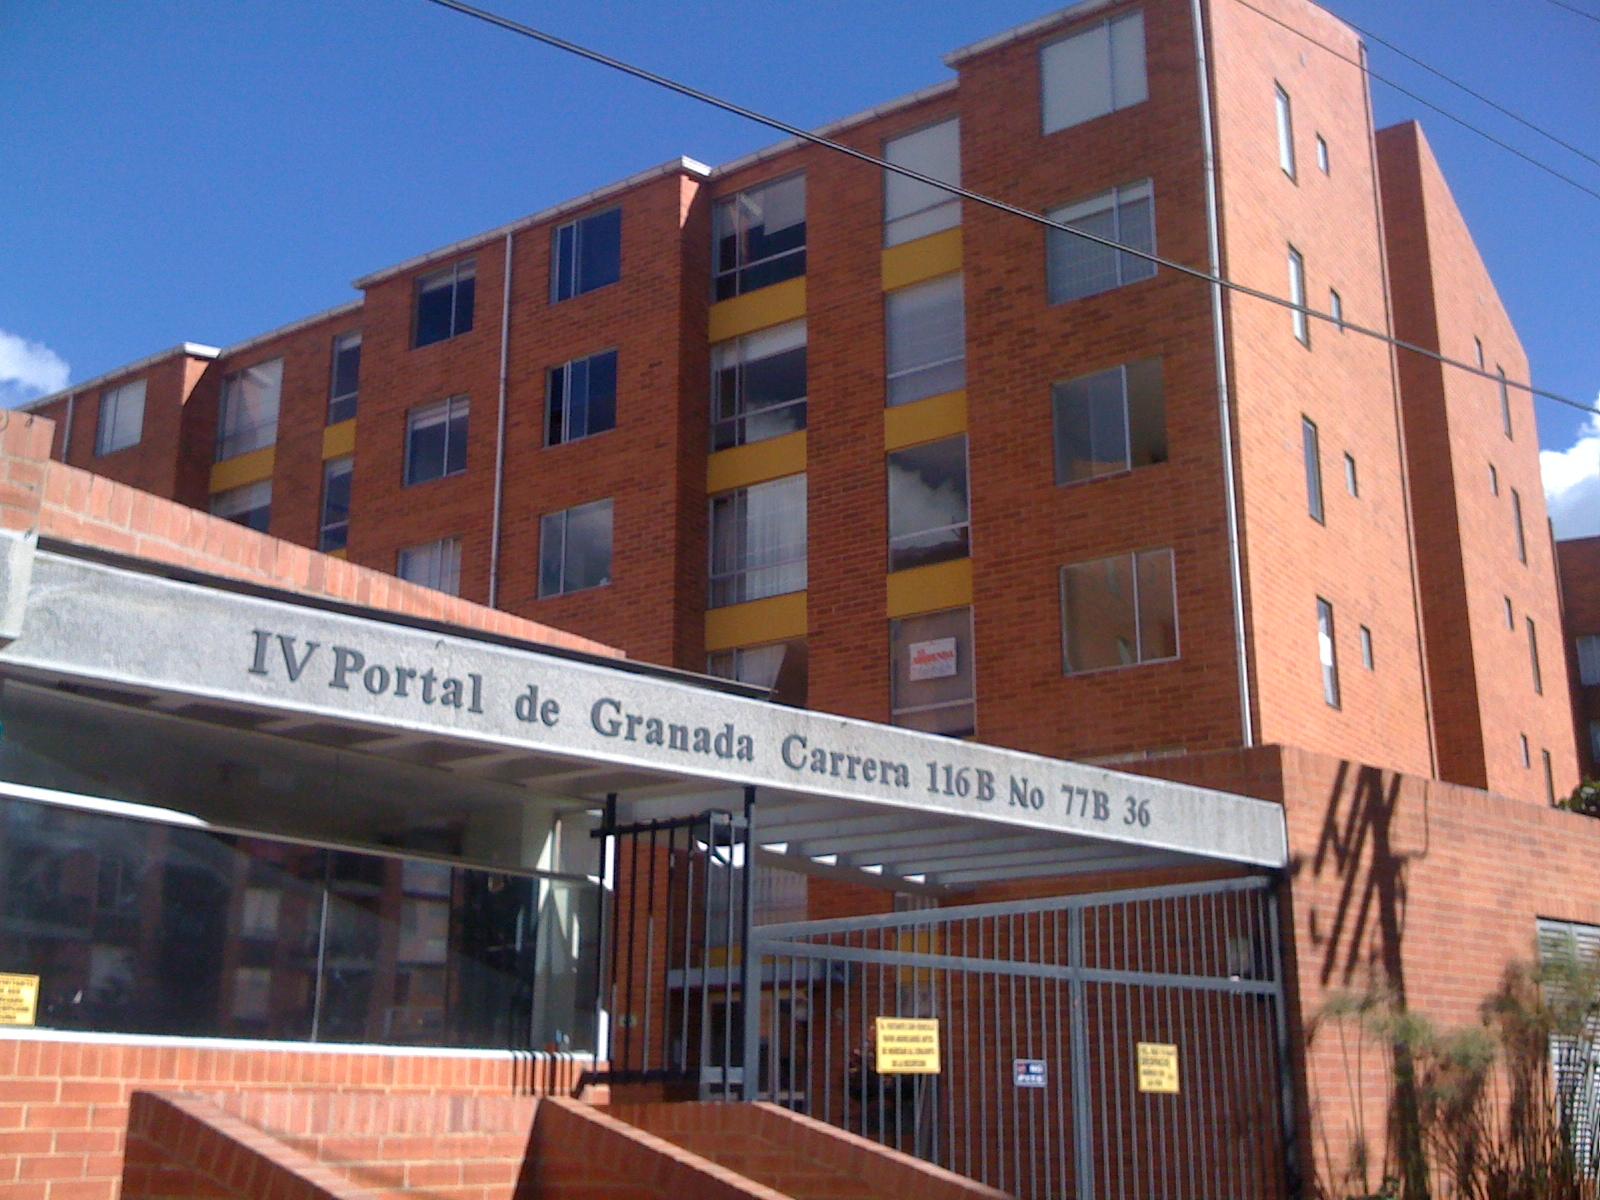 Duplex portal de granada apto para la venta for Lavaplatos granada